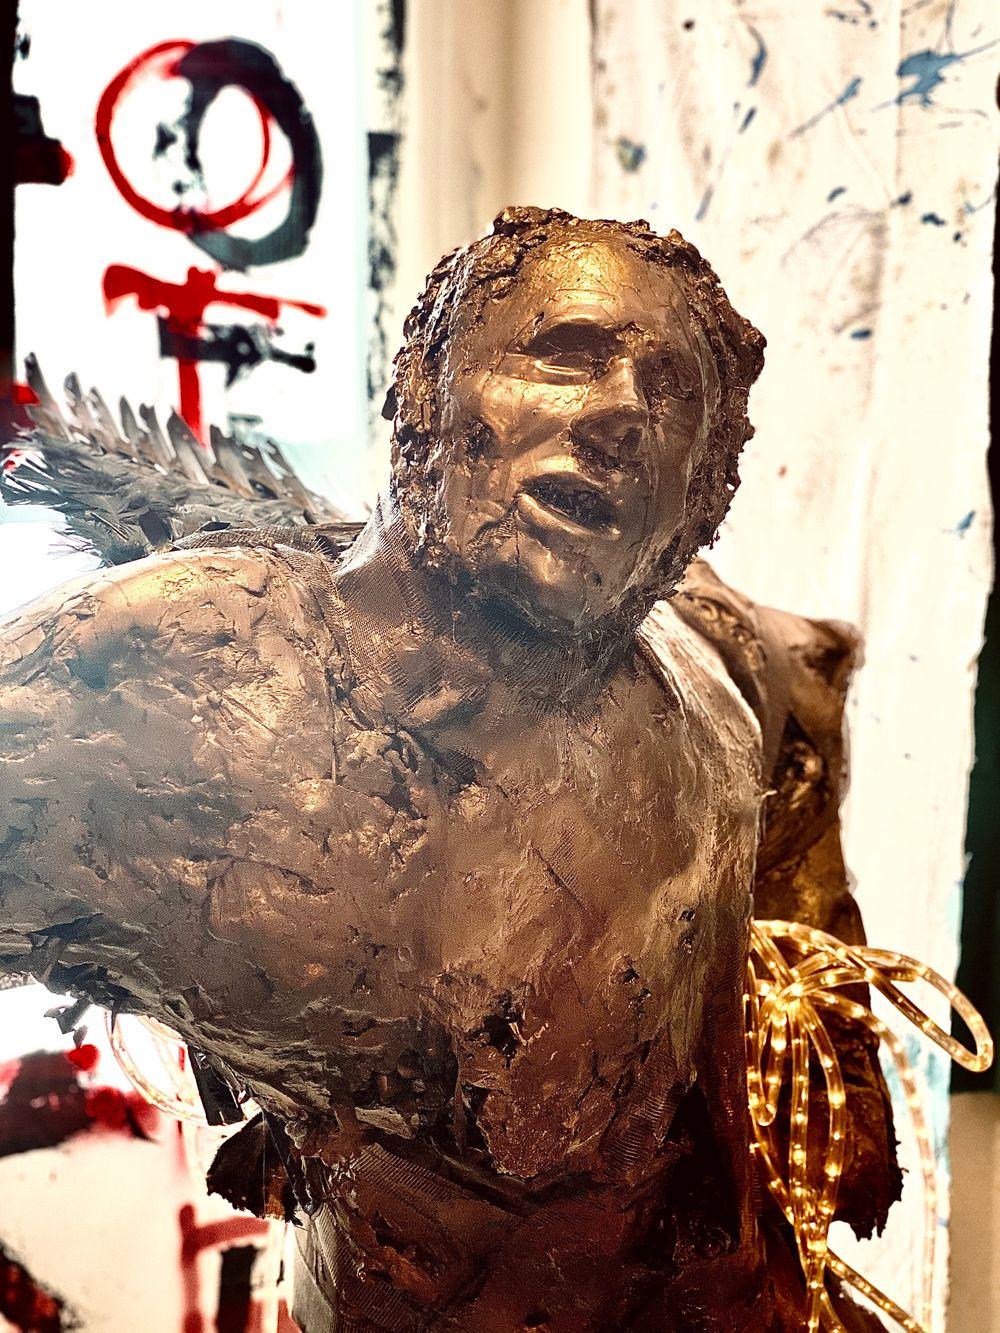 Wiley-Ross-Sculpture-13.jpeg